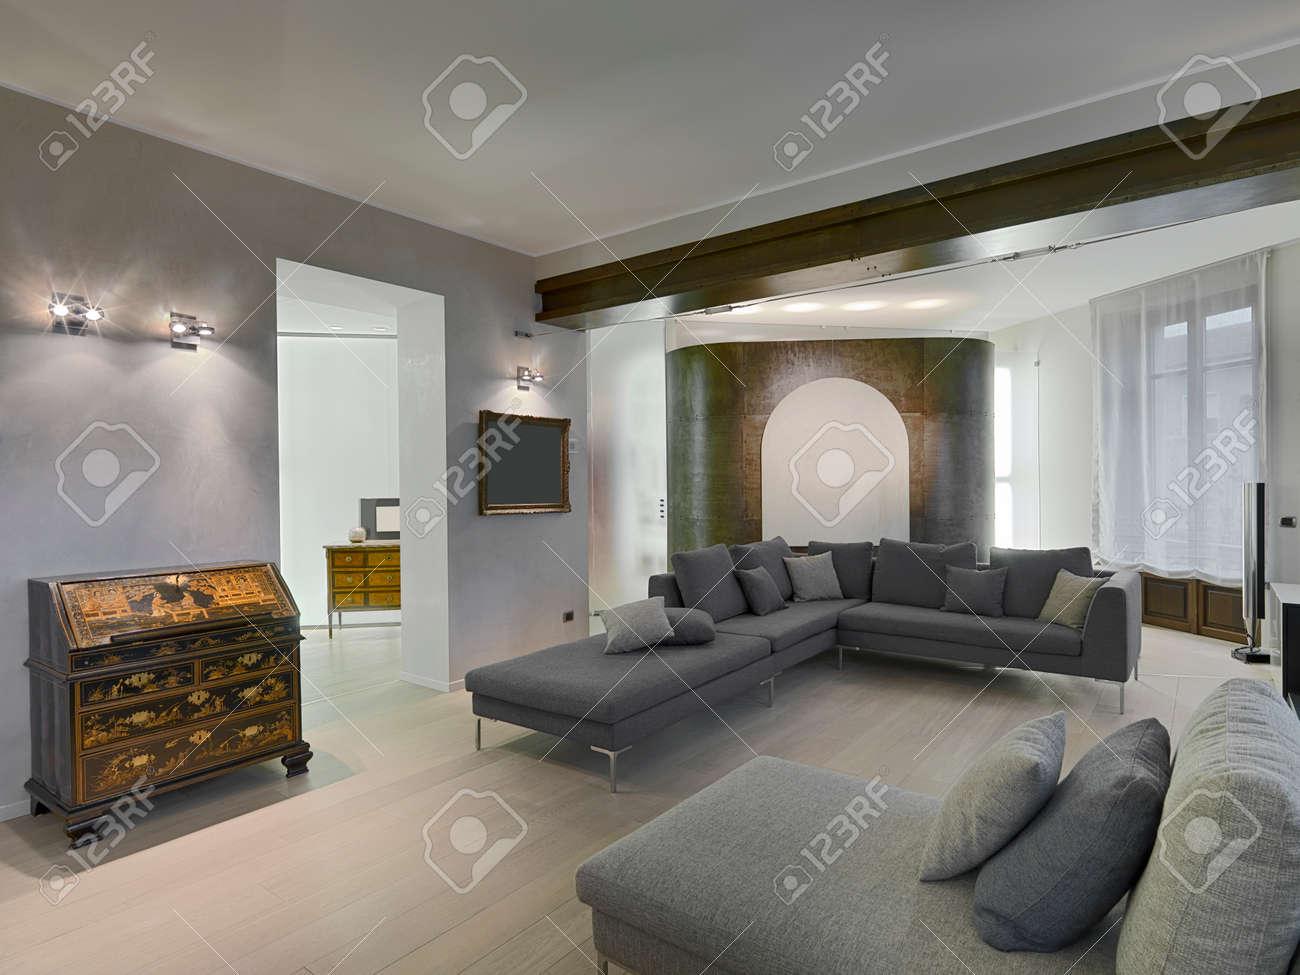 Meubles Anciens Et Gris Canape En Tissu Dans Le Salon Moderne Avec Plancher De Bois